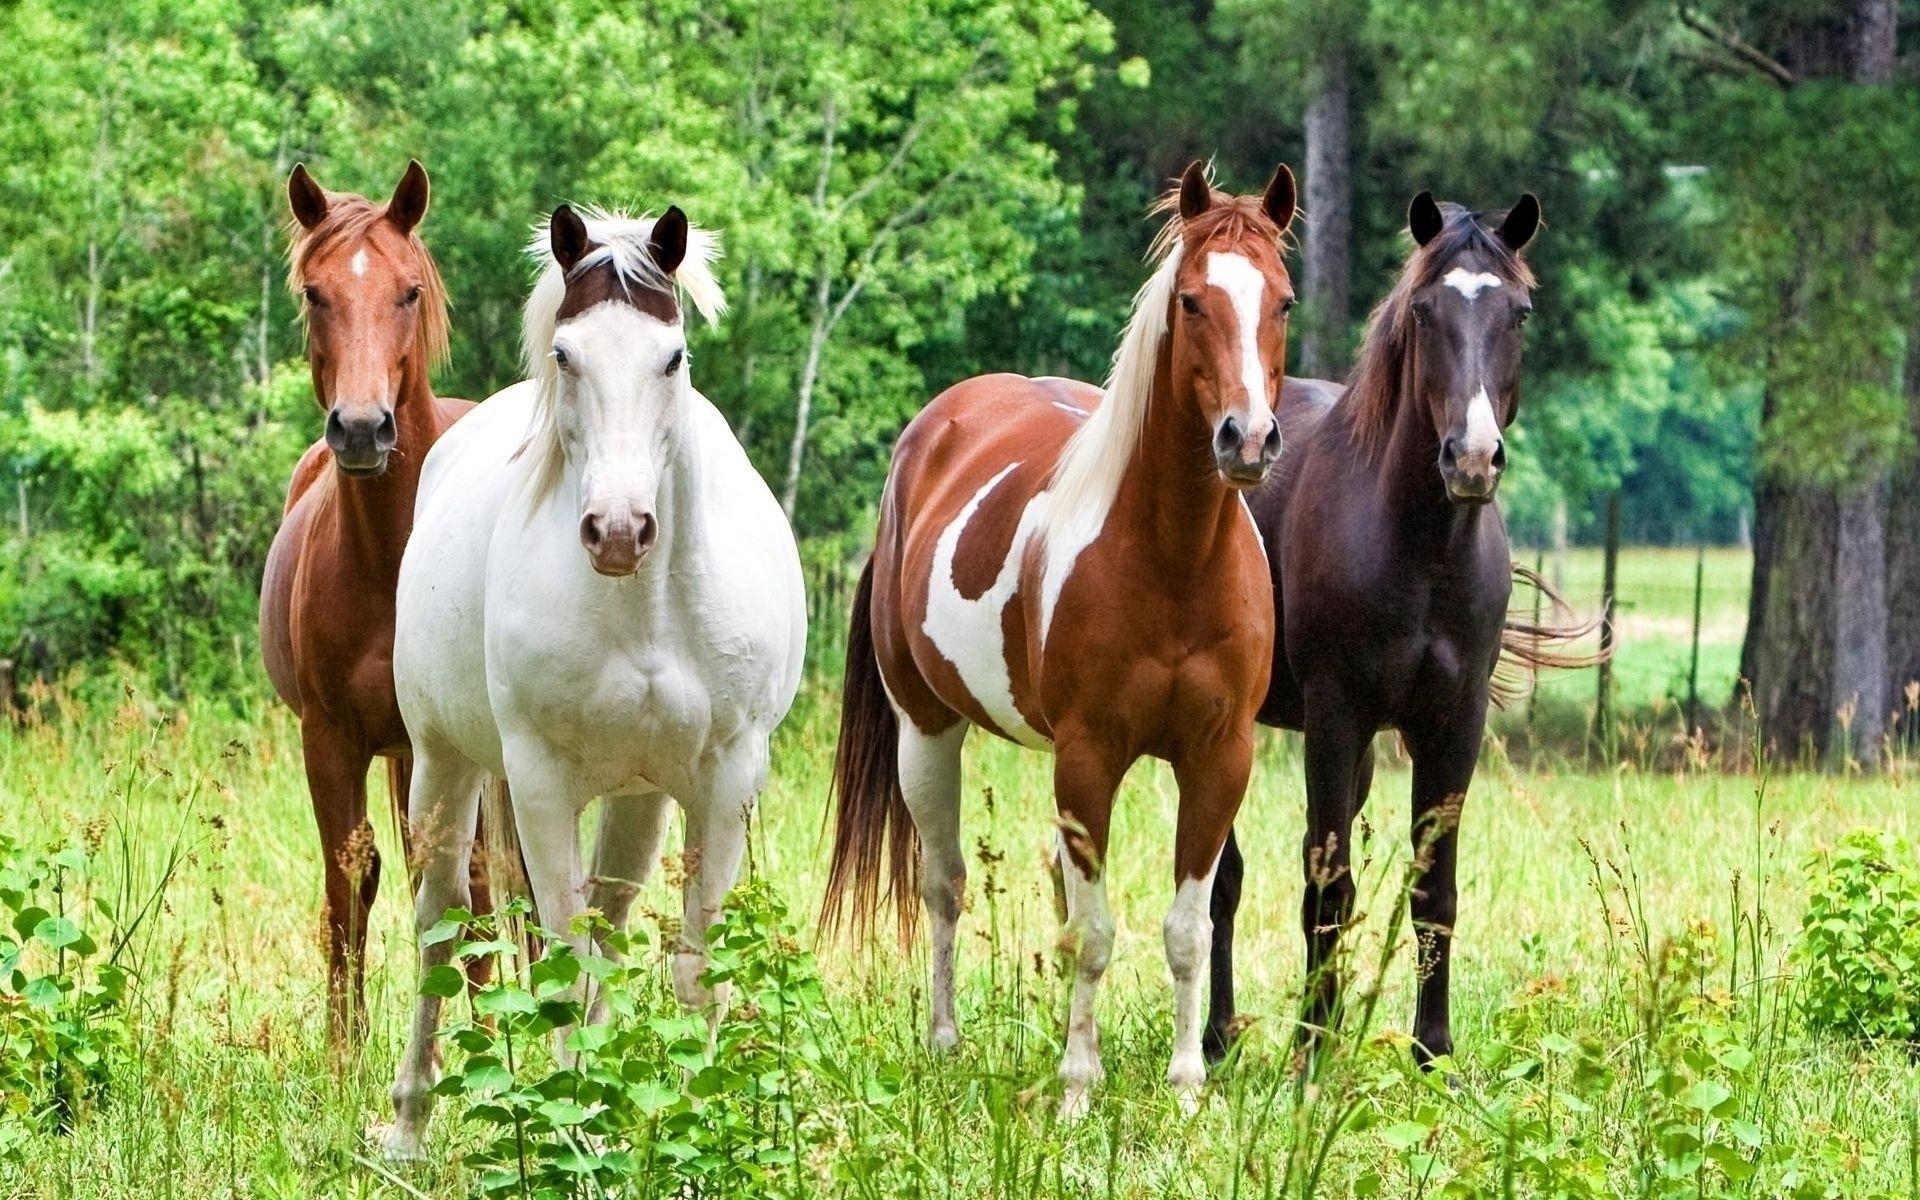 Рыжая лошадь: как называется, описание масти, подходящее имя, фото